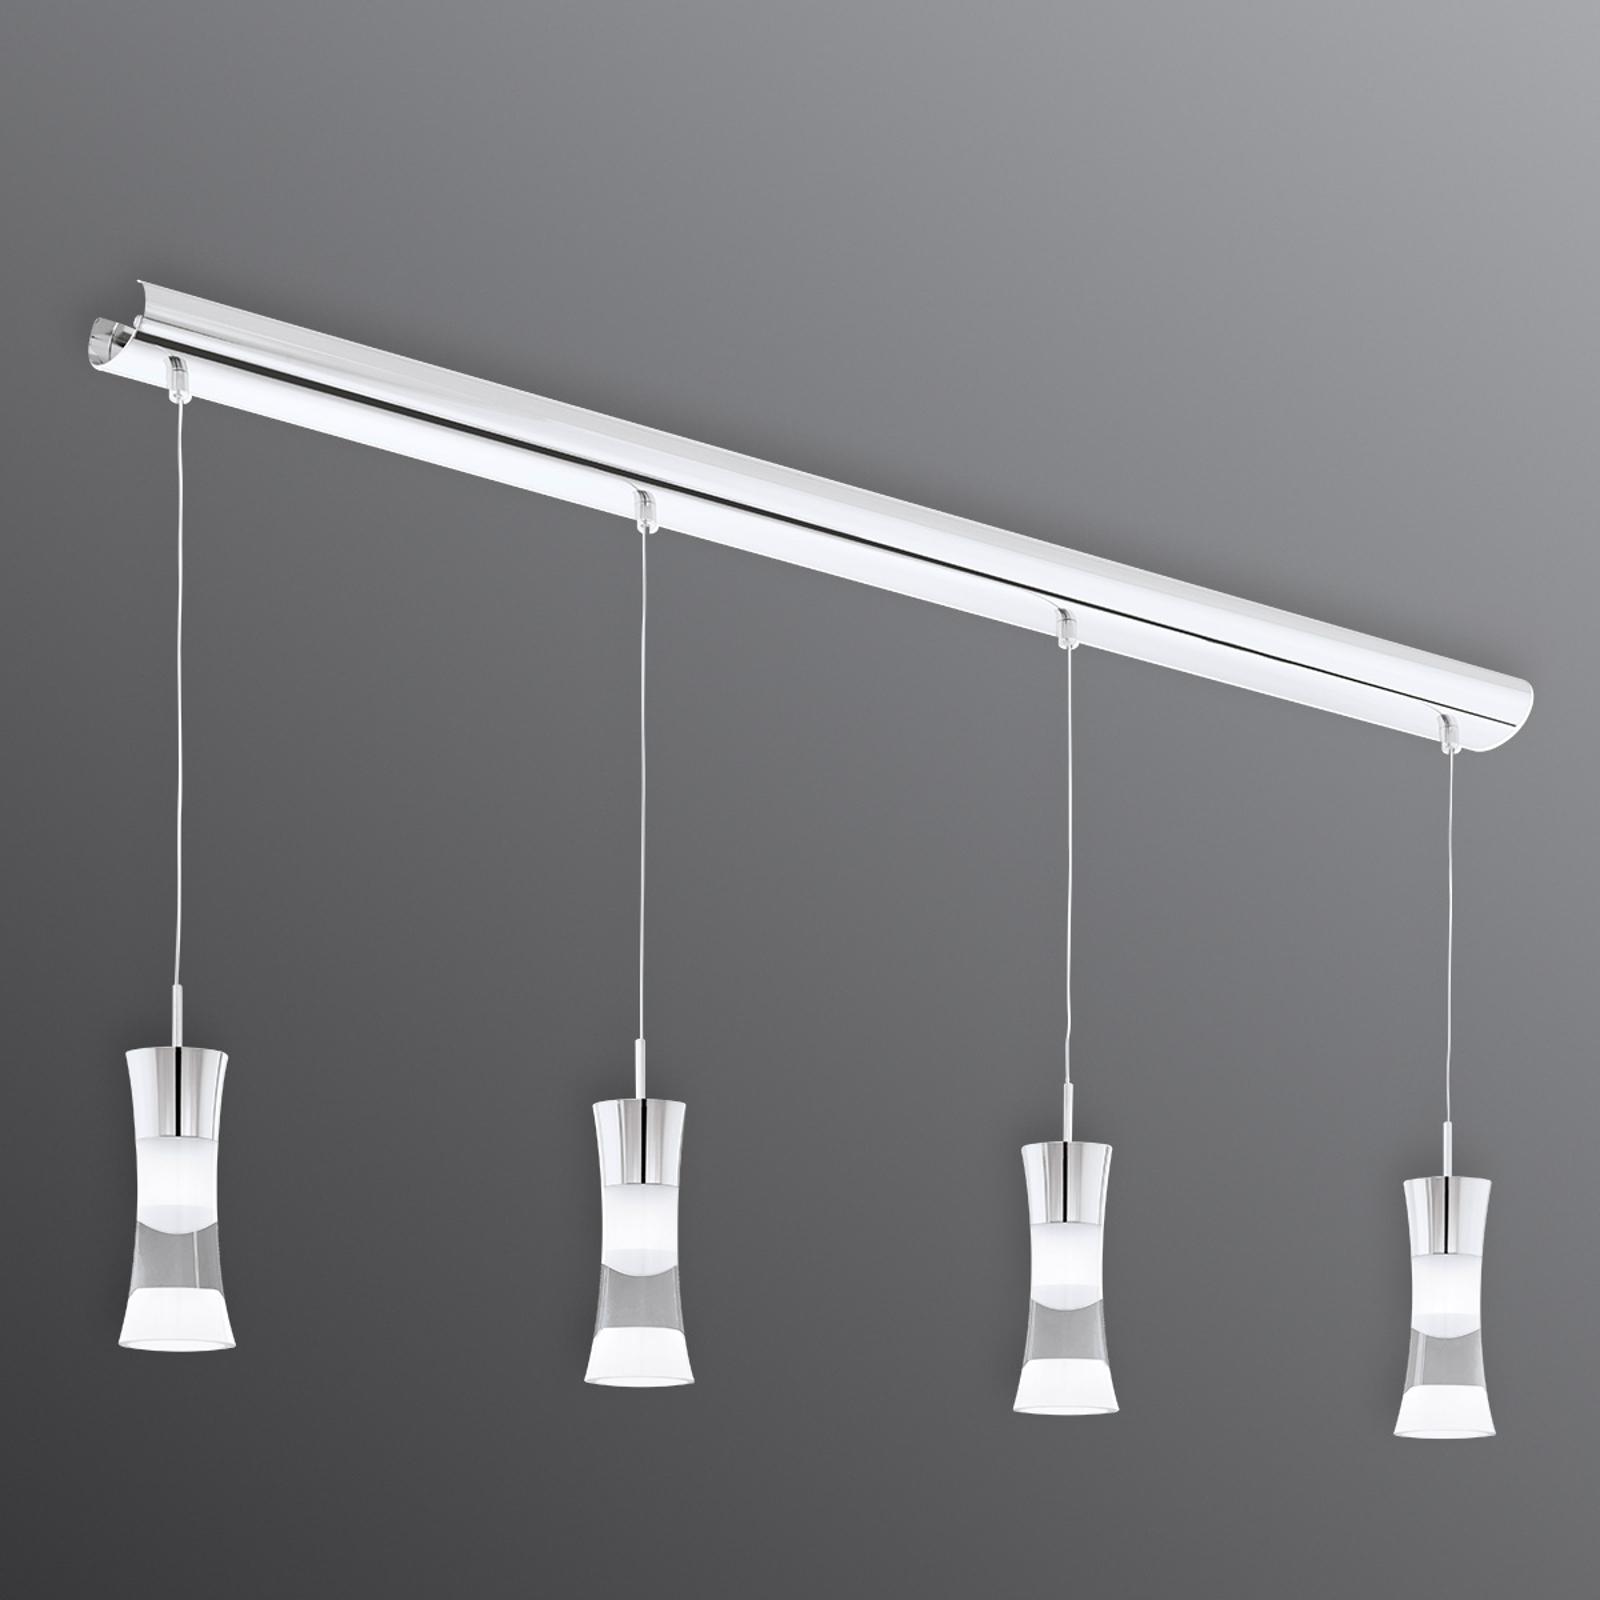 Lámpara colgante LED 4 brazos Pancento de acero